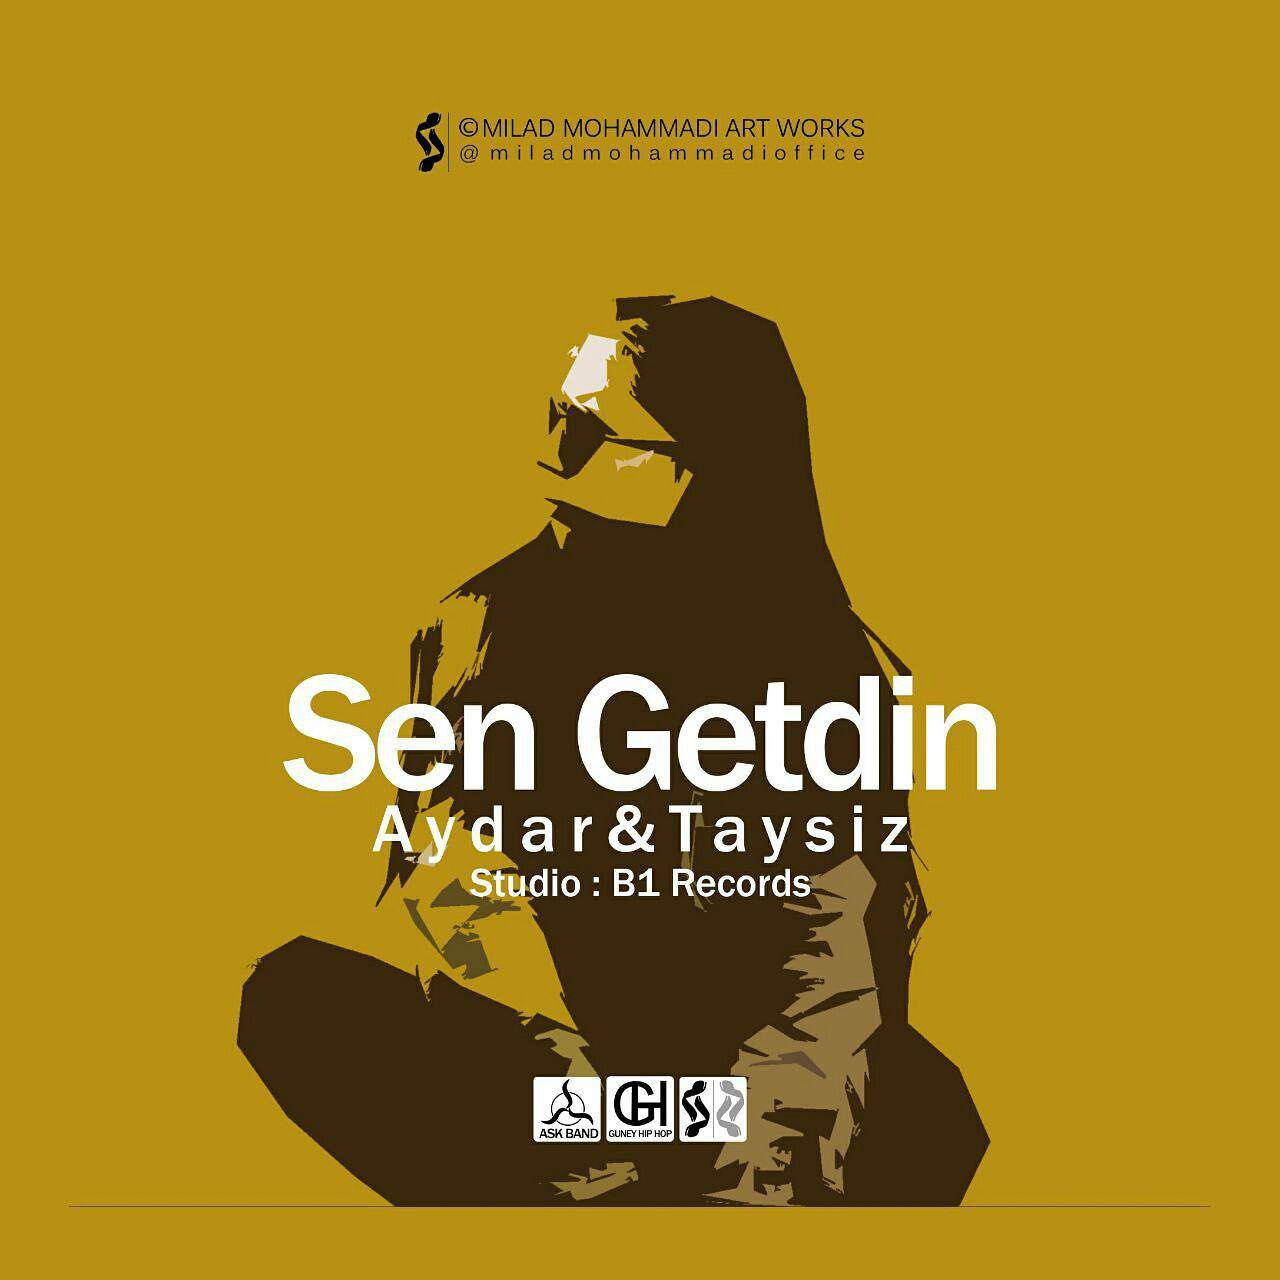 http://s8.picofile.com/file/8335415642/18Aydar_Taysiz_Sen_Getdin.jpg